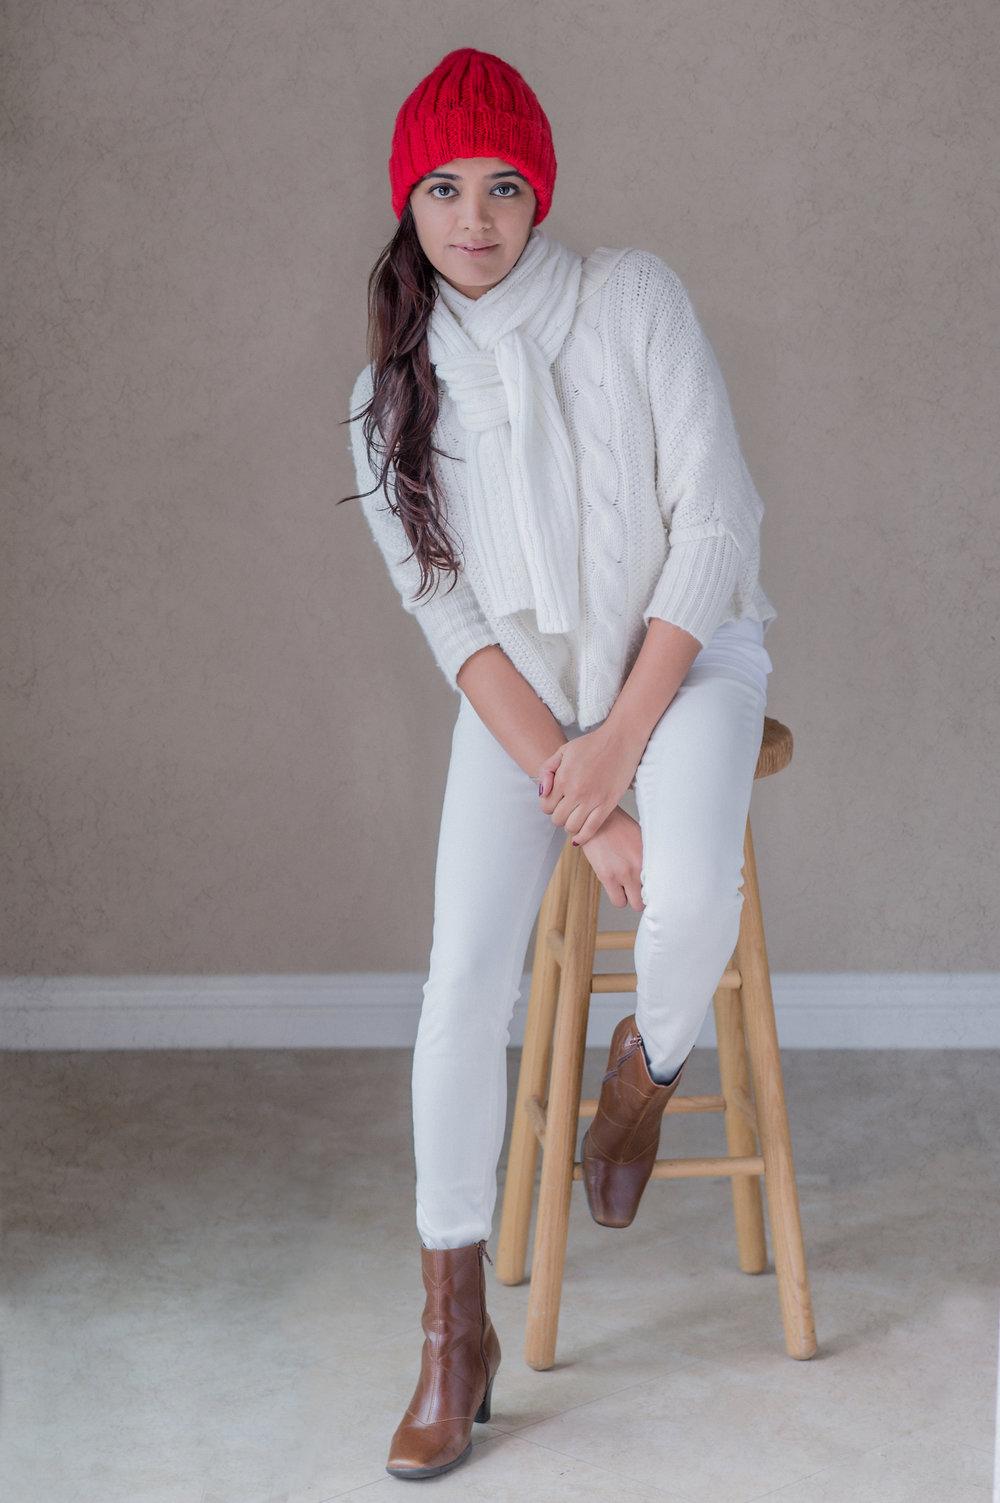 Priya - One of my favorites model is Priya, my wife.